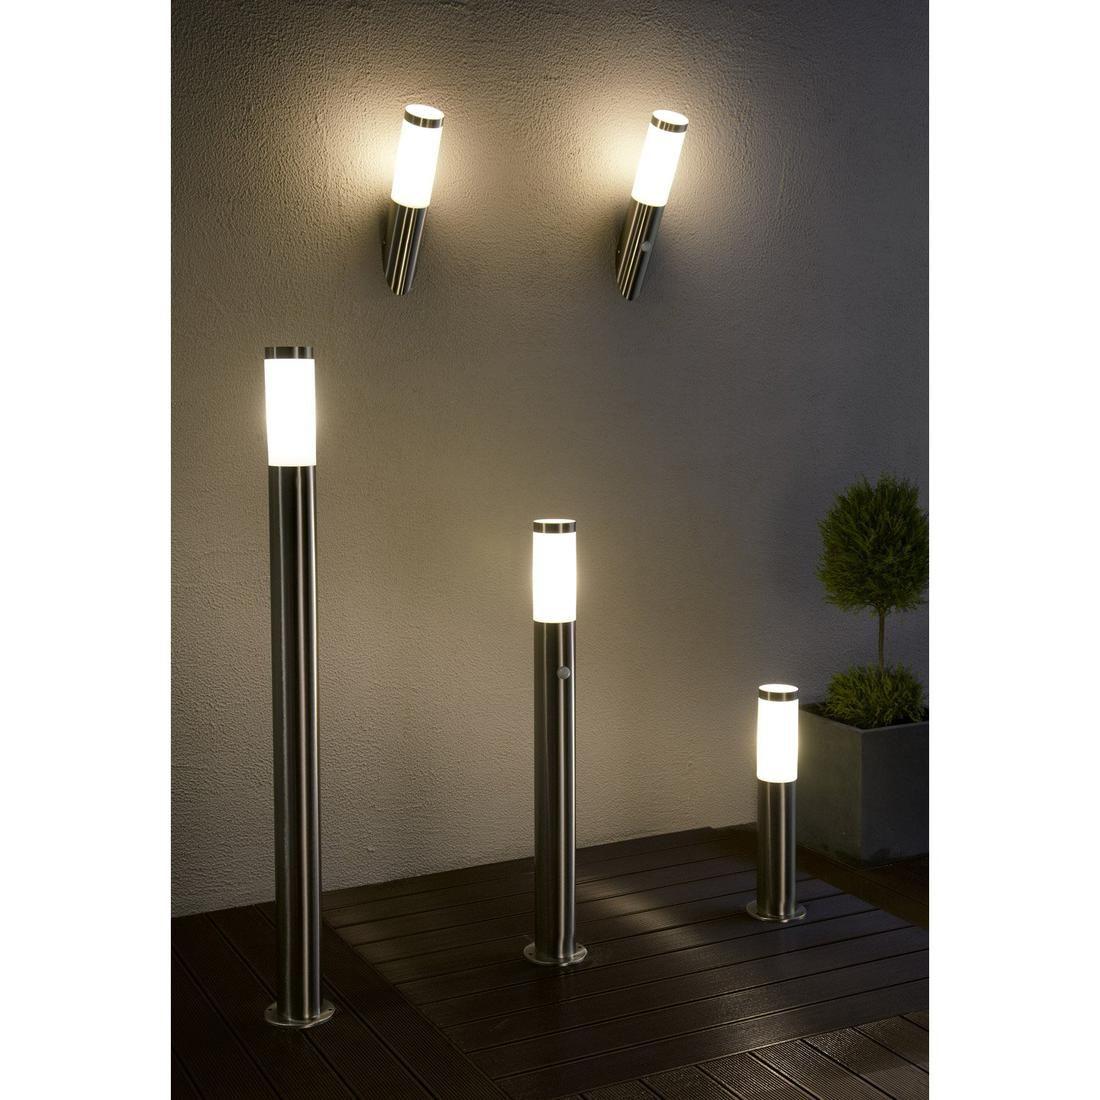 28 bon march luminaire exterieur inox kgit4 luminaire salon. Black Bedroom Furniture Sets. Home Design Ideas